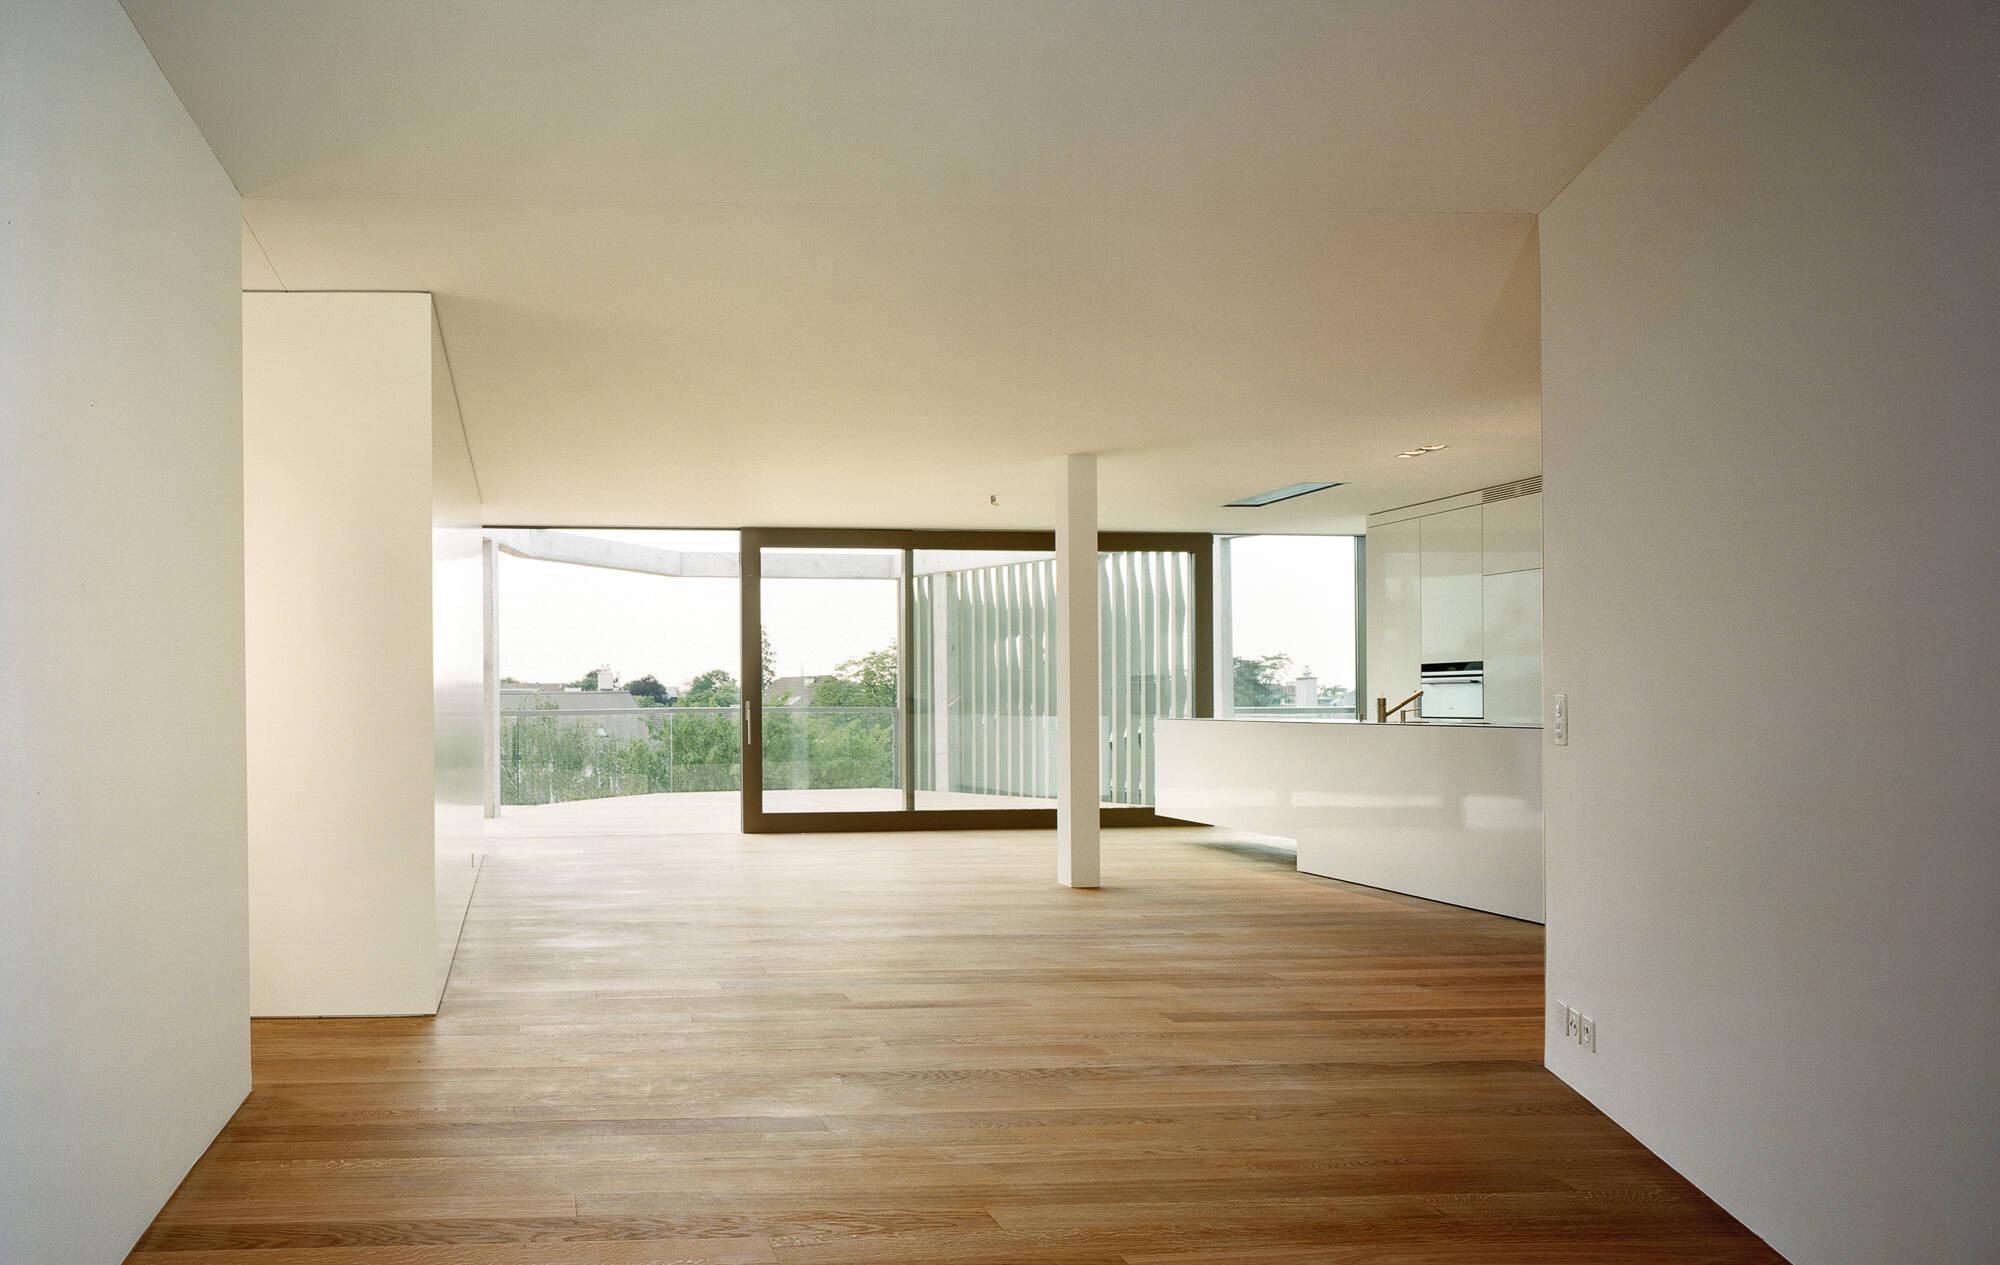 brasilianische k che k ln ikea k che teile fehlen meine bayerische rezepte metalltisch synonym. Black Bedroom Furniture Sets. Home Design Ideas